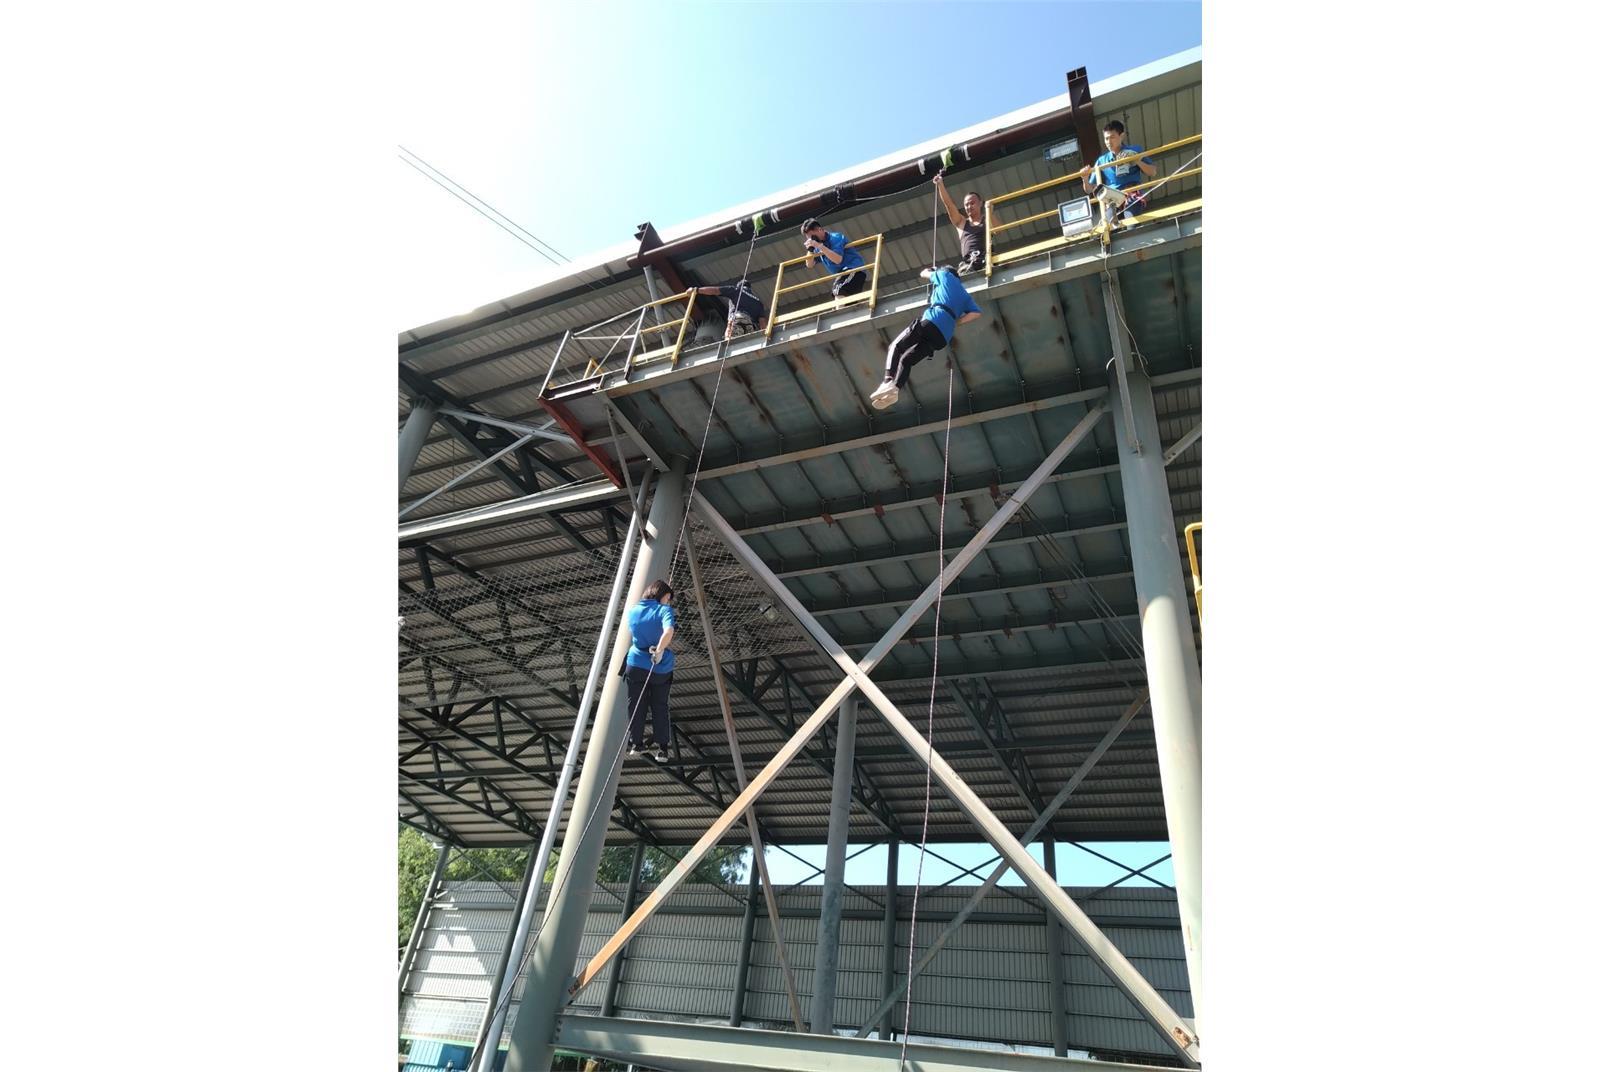 官兵在操作各項山訓課程時,須勇於自我挑戰,必須發揮團隊精神,協助隊友安全通過垂降等關卡。(空軍3指部提供)